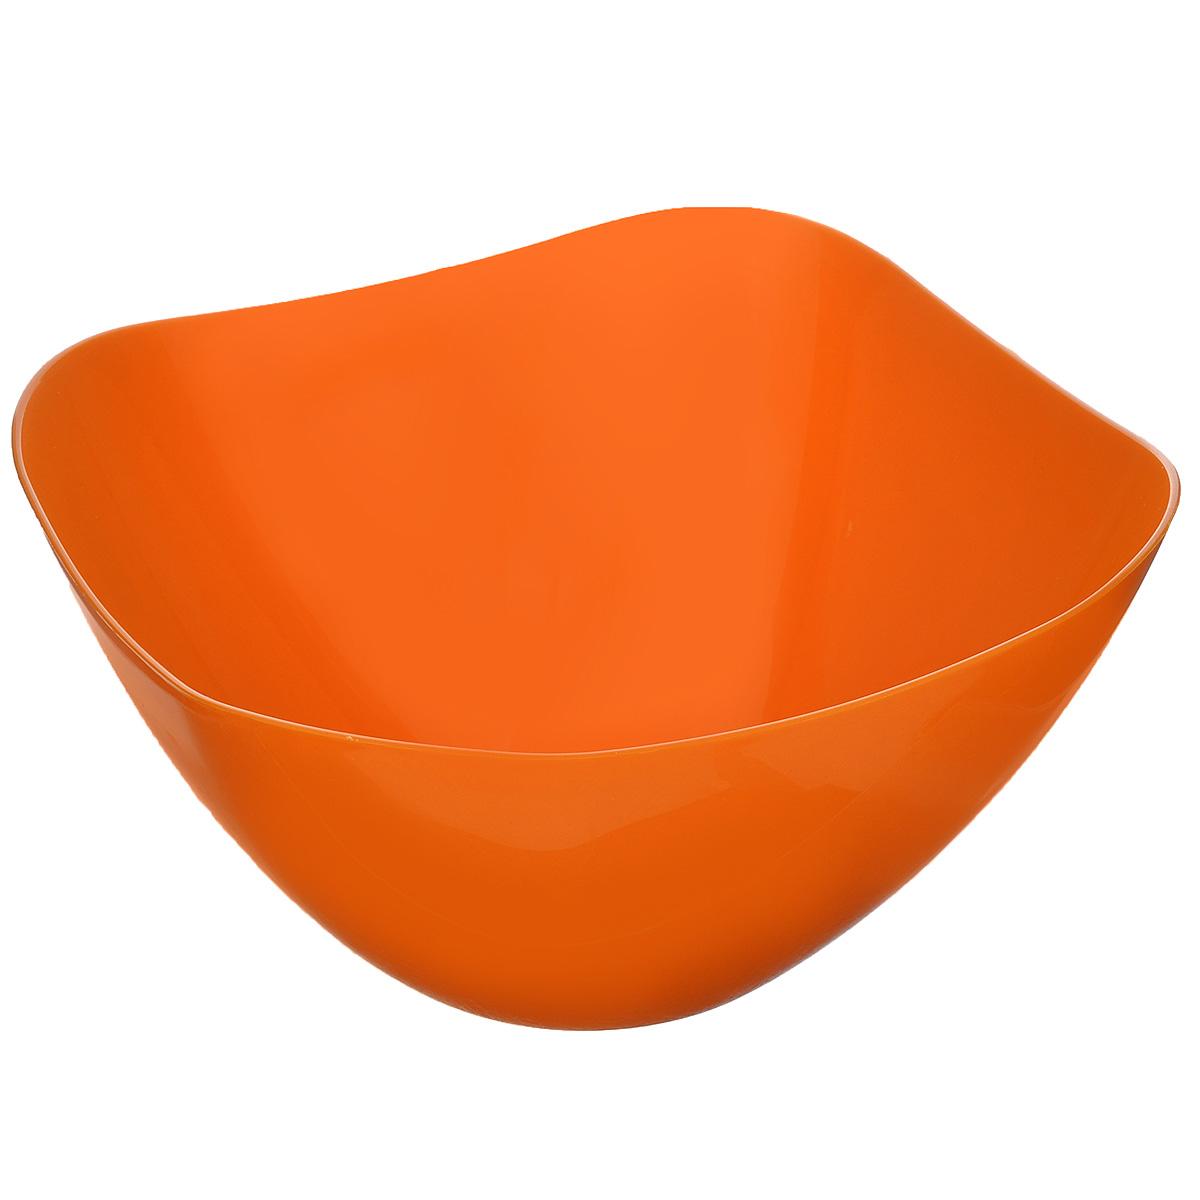 Салатник Berossi Funny, цвет: мандарин, 2 лИК07640000Салатник Berossi Funny изготовлен из пищевого пластика и предназначен для сервировки стола. В нем можно подать к столу конфеты, небольшие фрукты и ягоды. Такой салатник прекрасно подойдет для дачи или отдыха на природе.